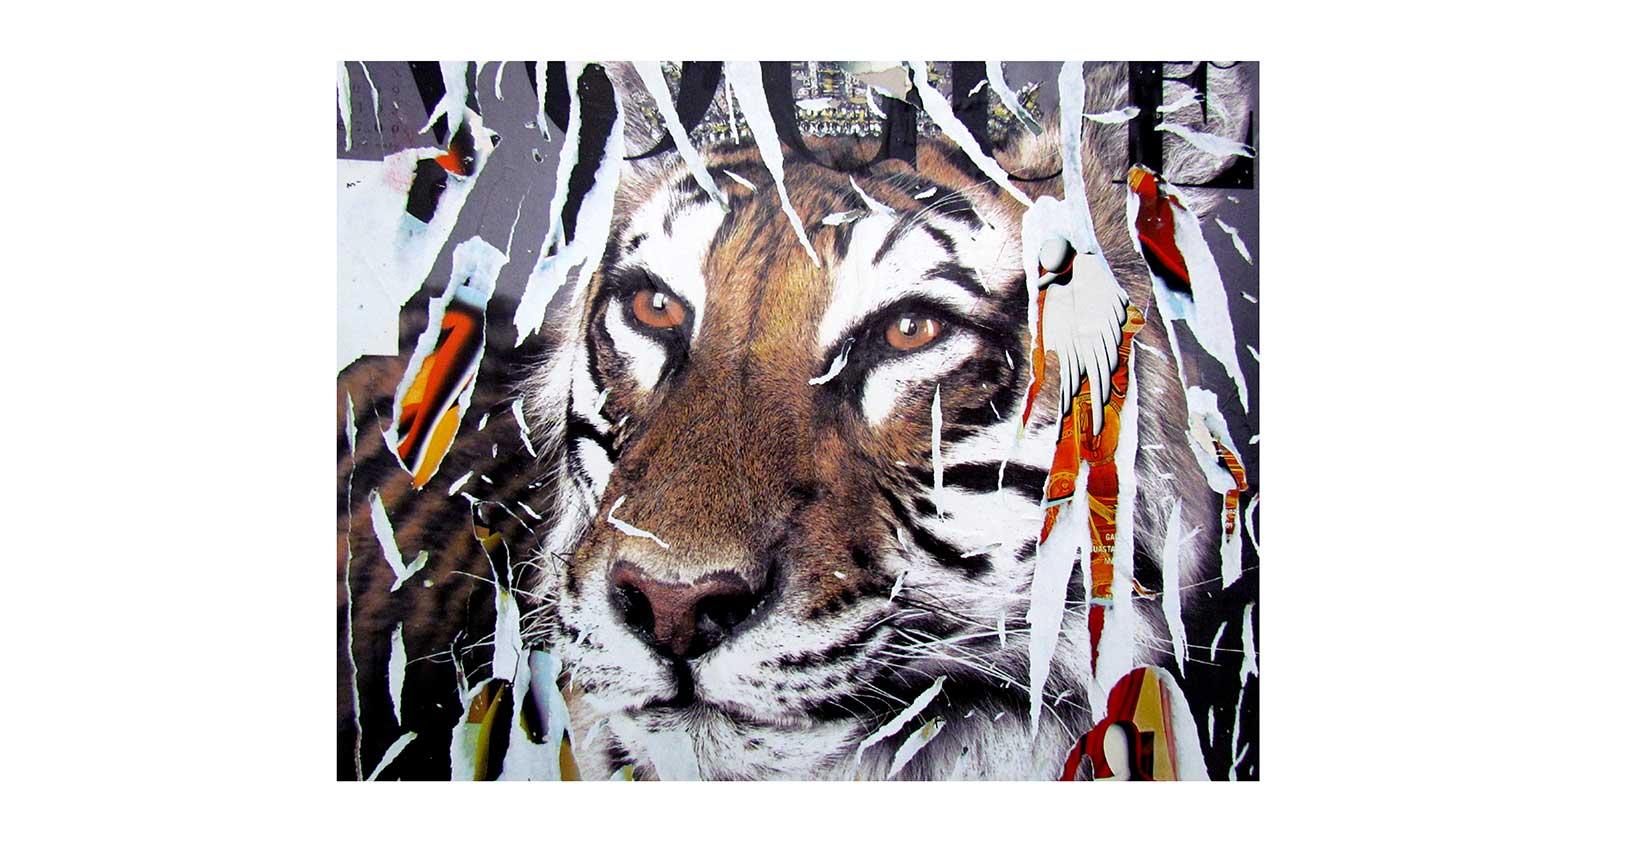 art vintage iconic design furniture riccardo serafini mimmo rotella jacques villeglè arte contemporanea street art raymond hains vogue tiger jewelry tigre lusso